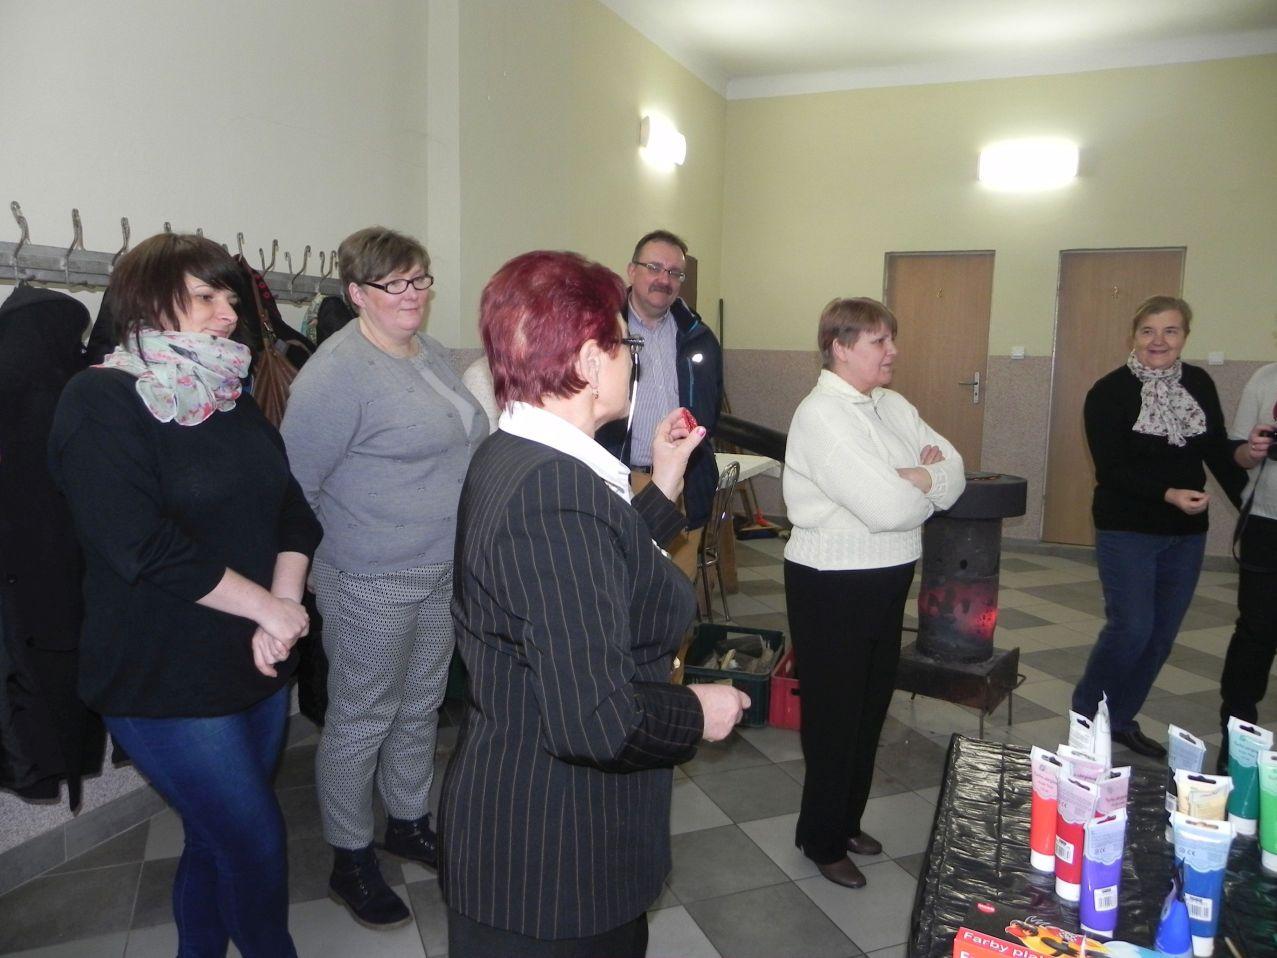 2016-02-14 Sierzchowy - Wioska Pomidorowa - testowanie (6)